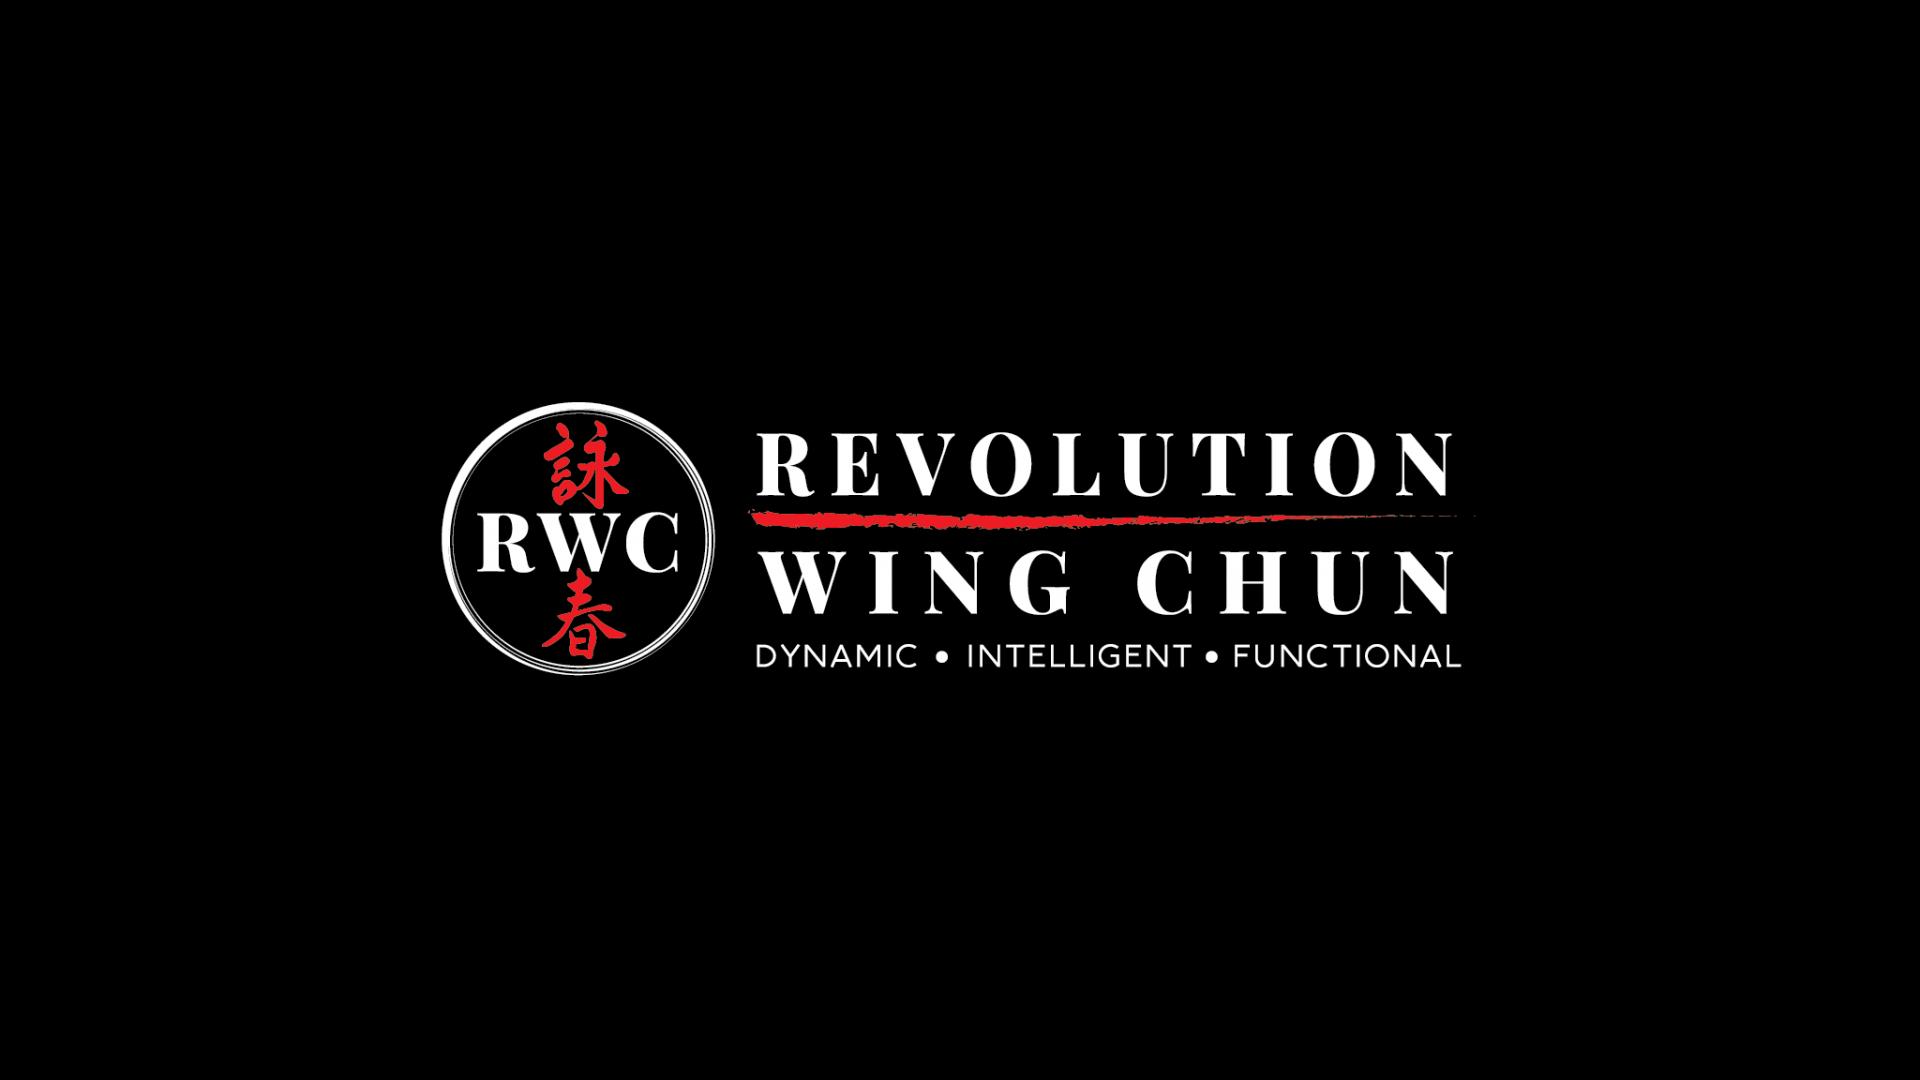 Revolution Wing Chun